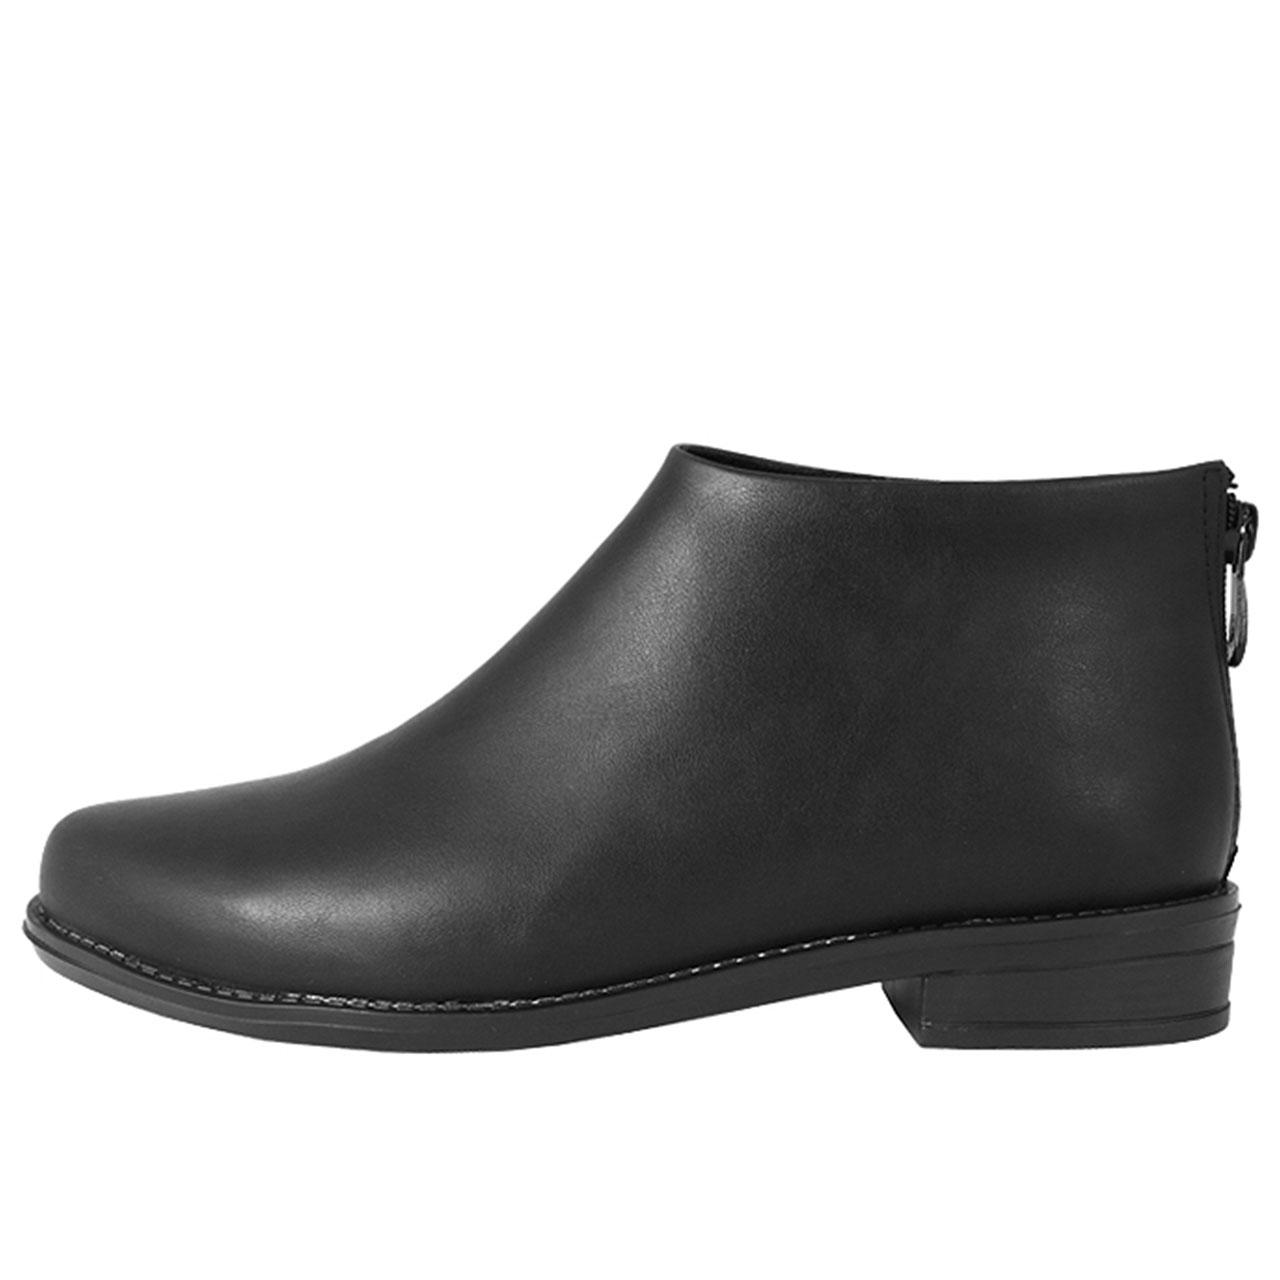 منتخب محصولات پرفروش کفش زنانه